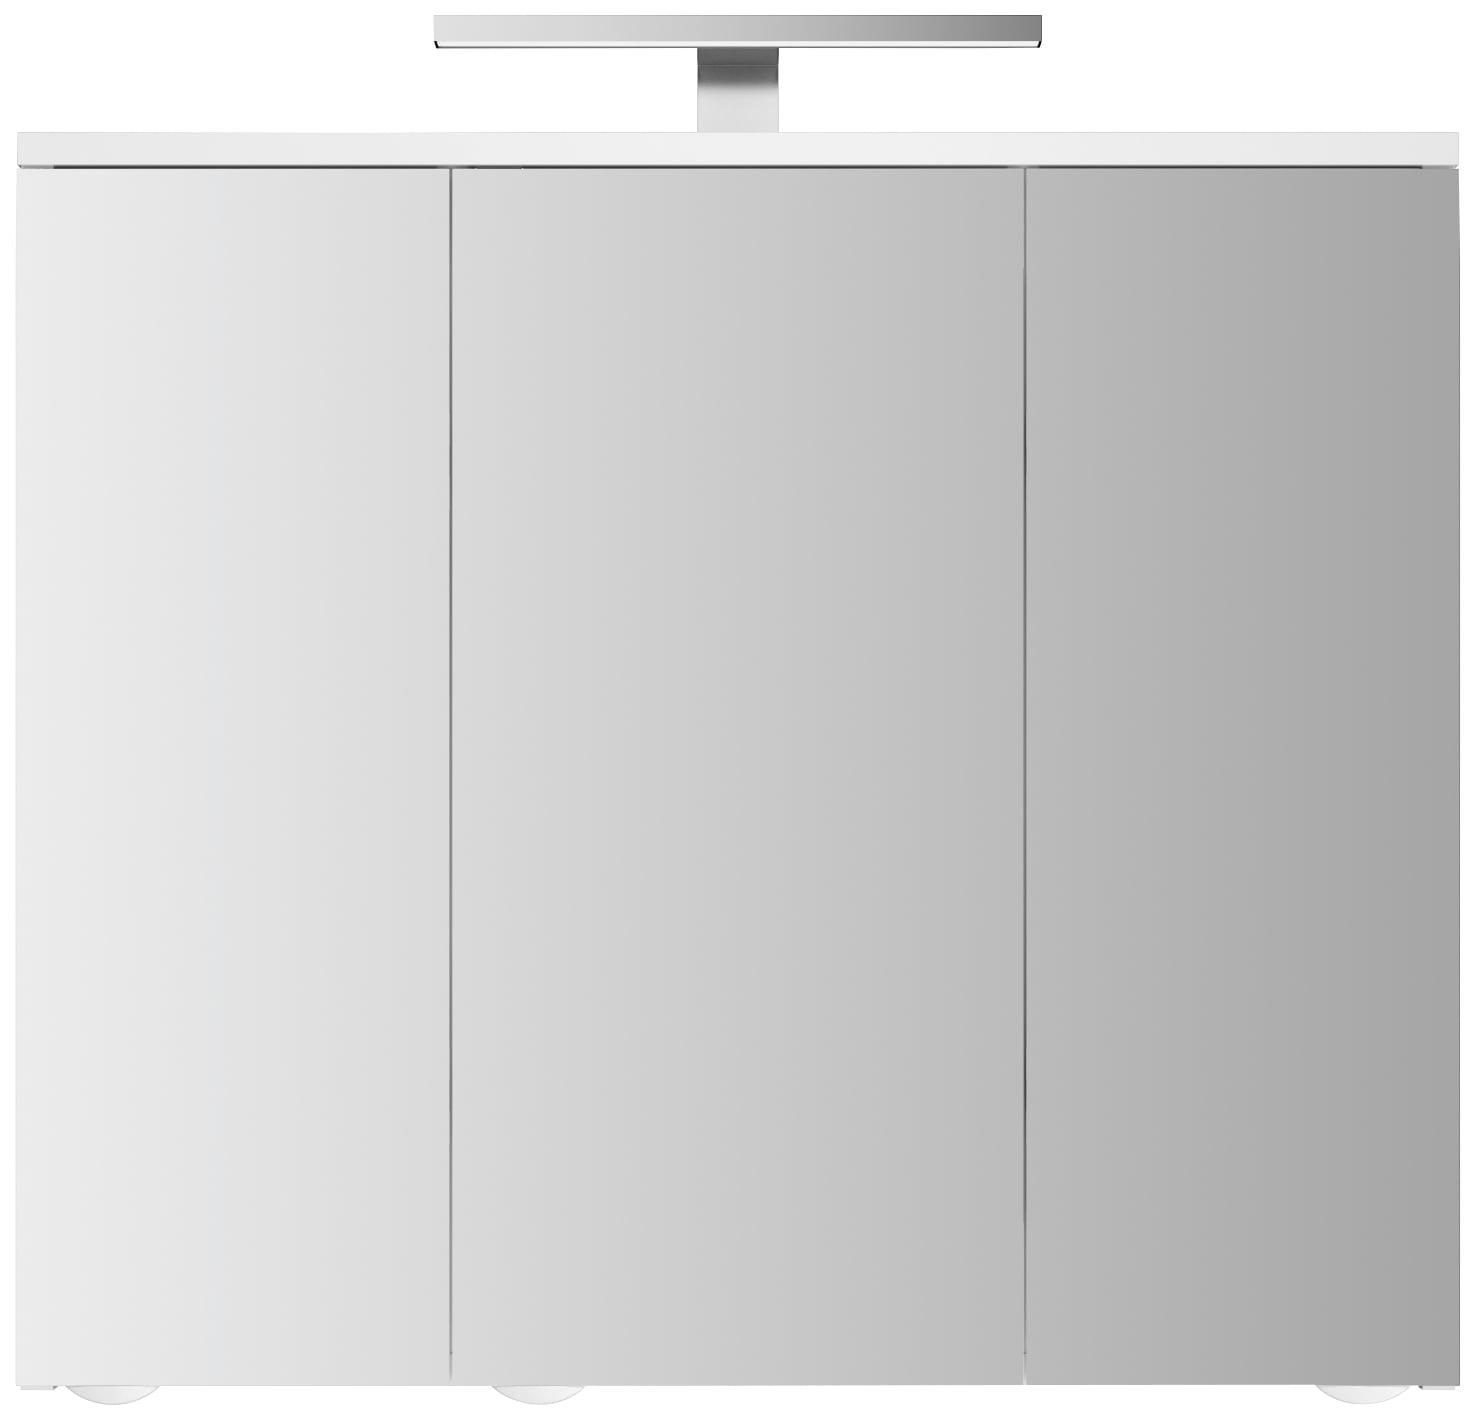 jokey Spiegelschrank Arda, weiß, 72,20 cm Breite weiß Bad-Spiegelschränke Badschränke Schränke